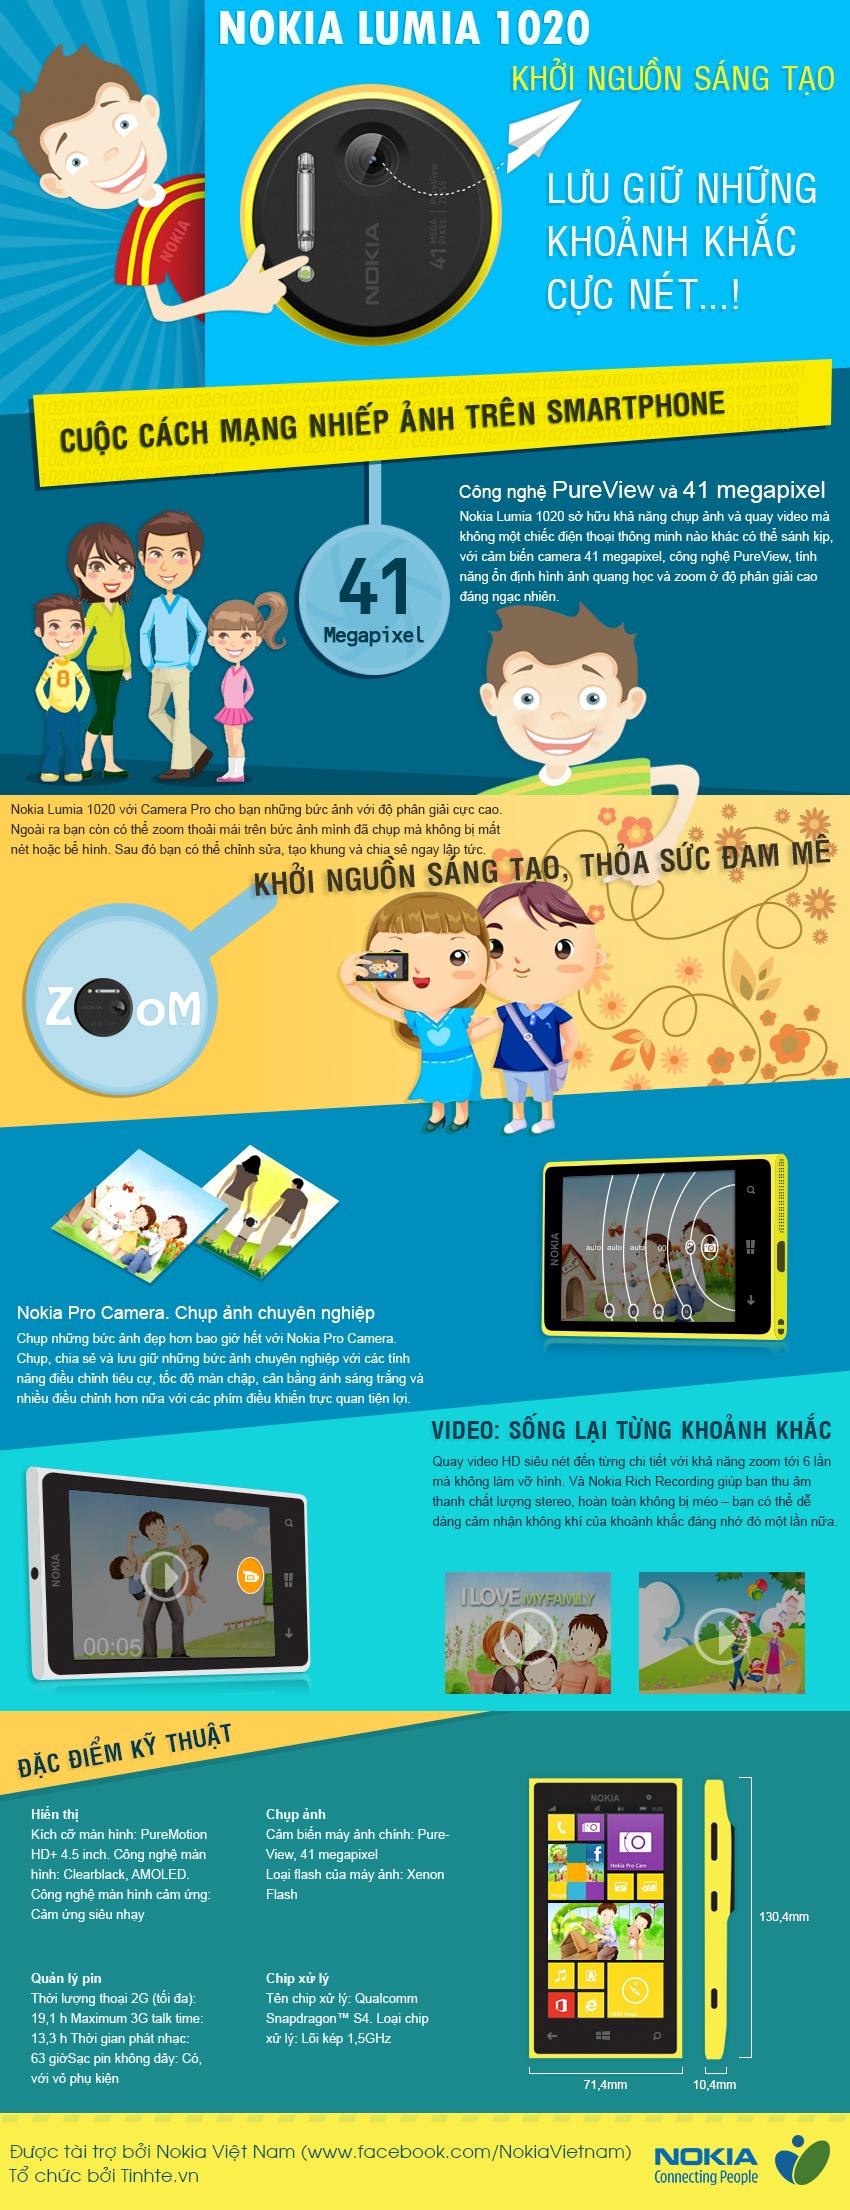 Nokia Lumia 1020, Khơi nguồn sáng tạo